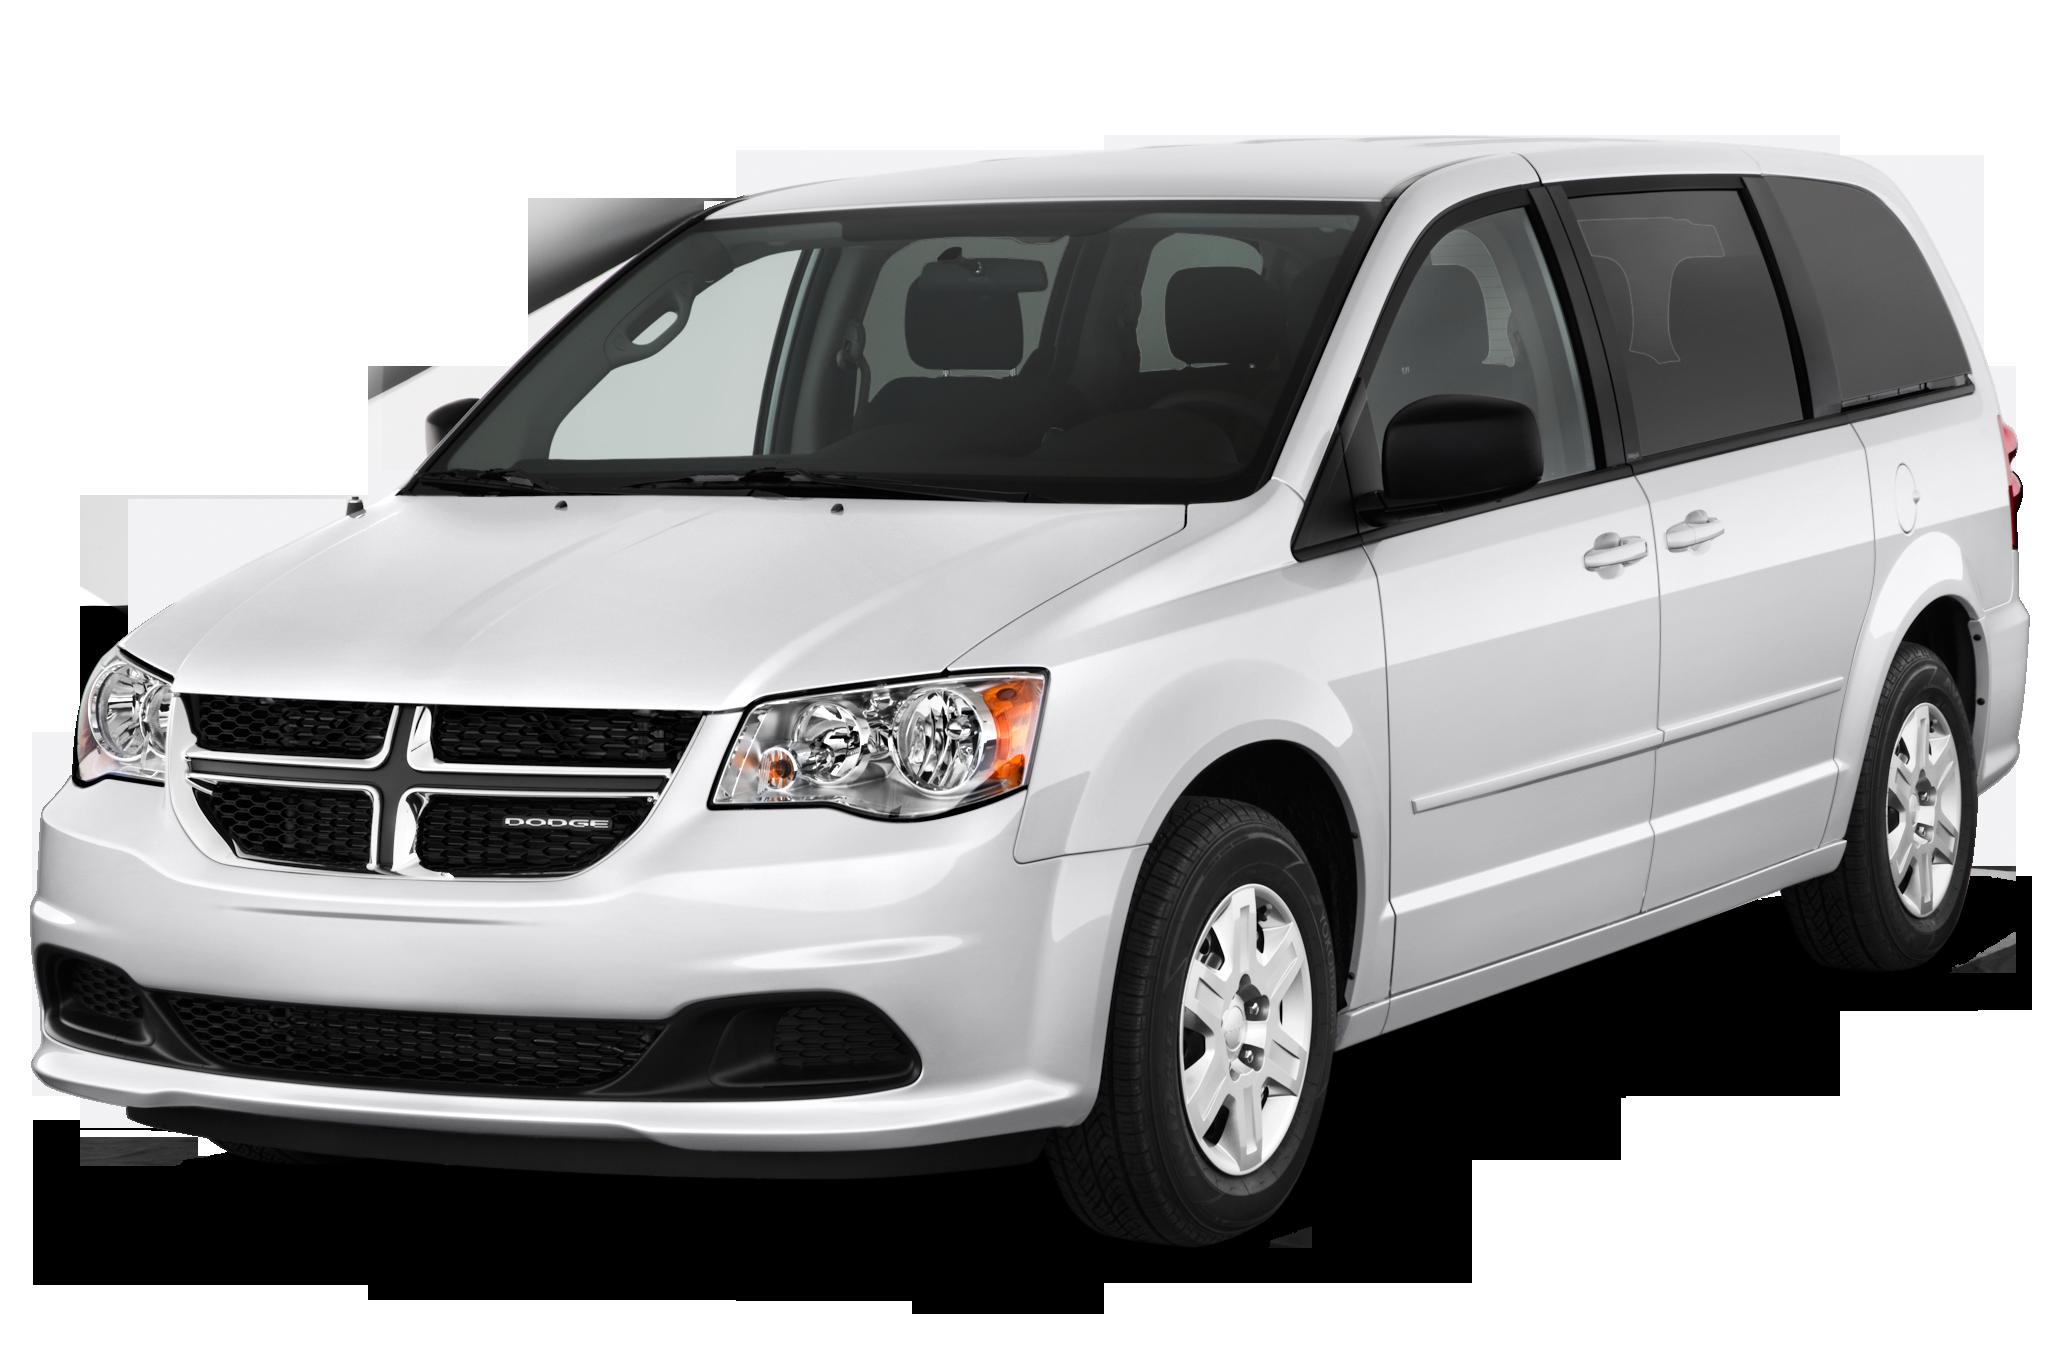 WRG-4669] 2008 Dodge Grand Caravan App Wiring Diagram on